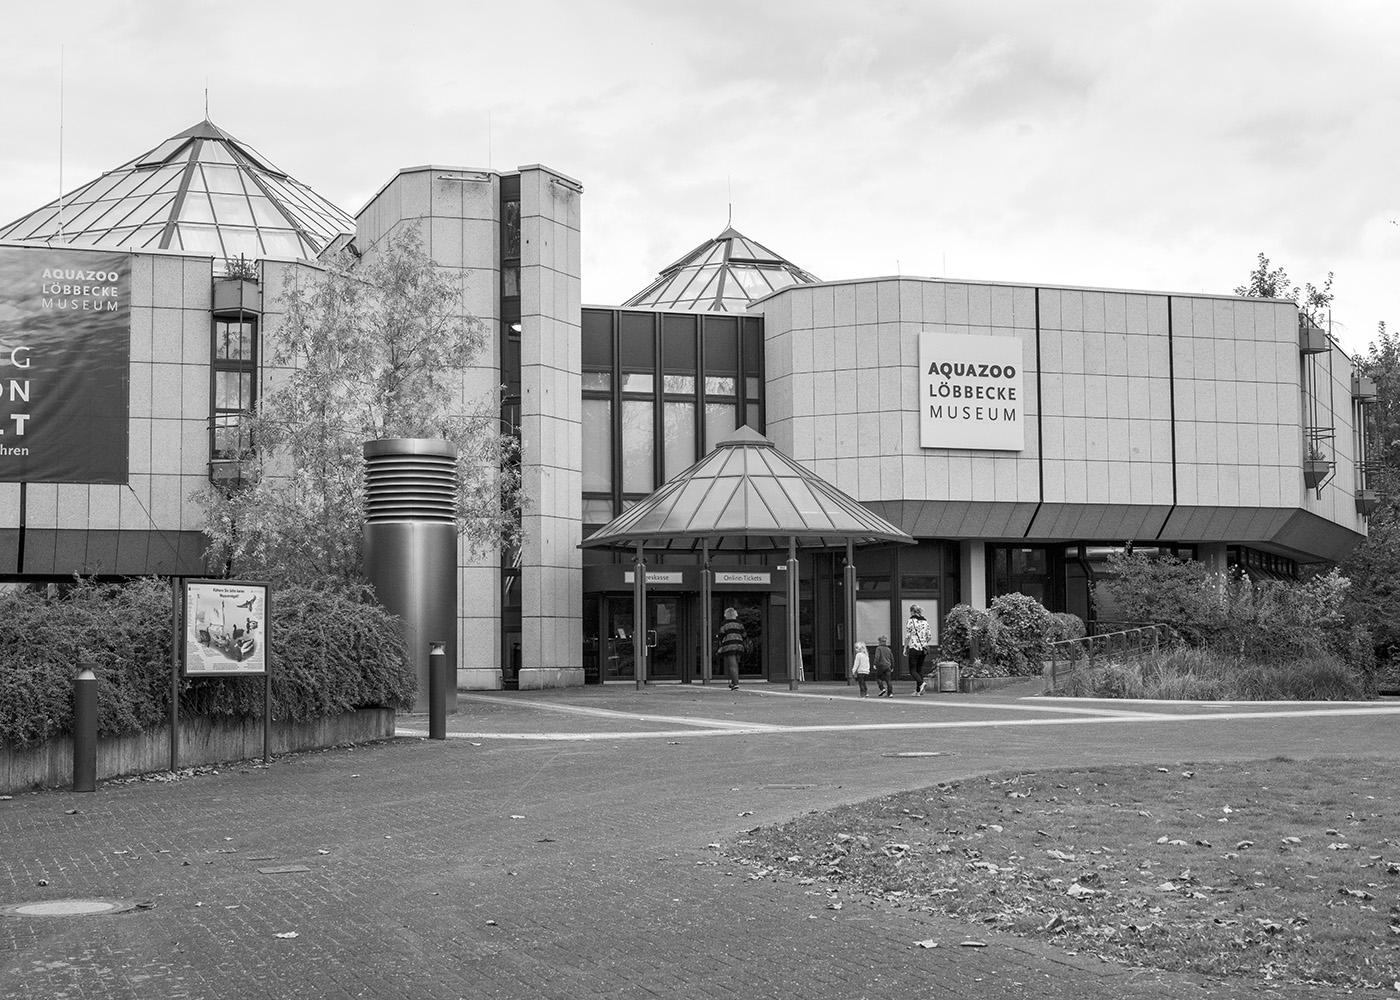 2. The Aquarium Building